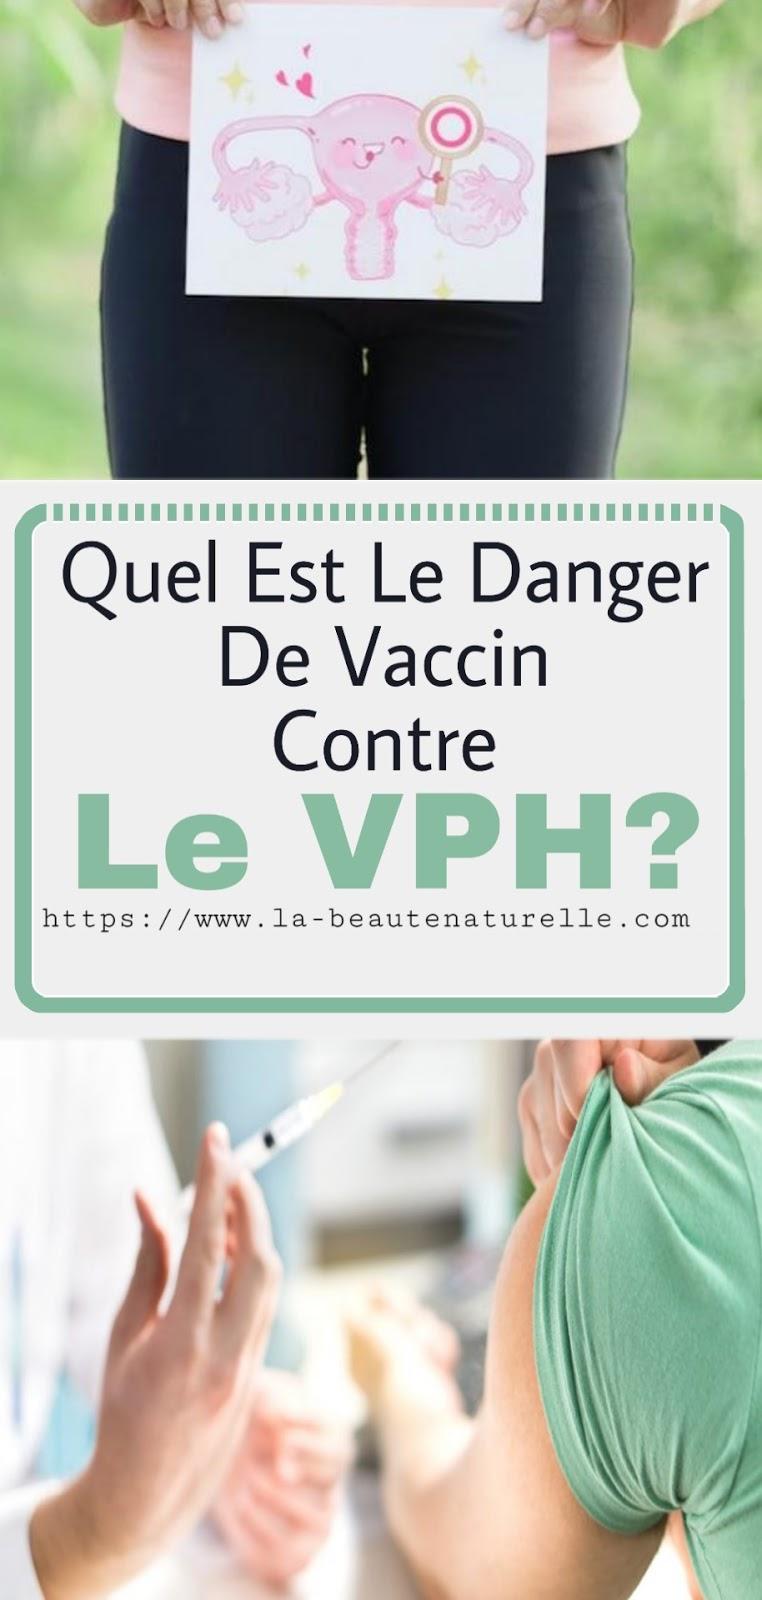 Quel Est Le Danger De Vaccin Contre Le VPH?